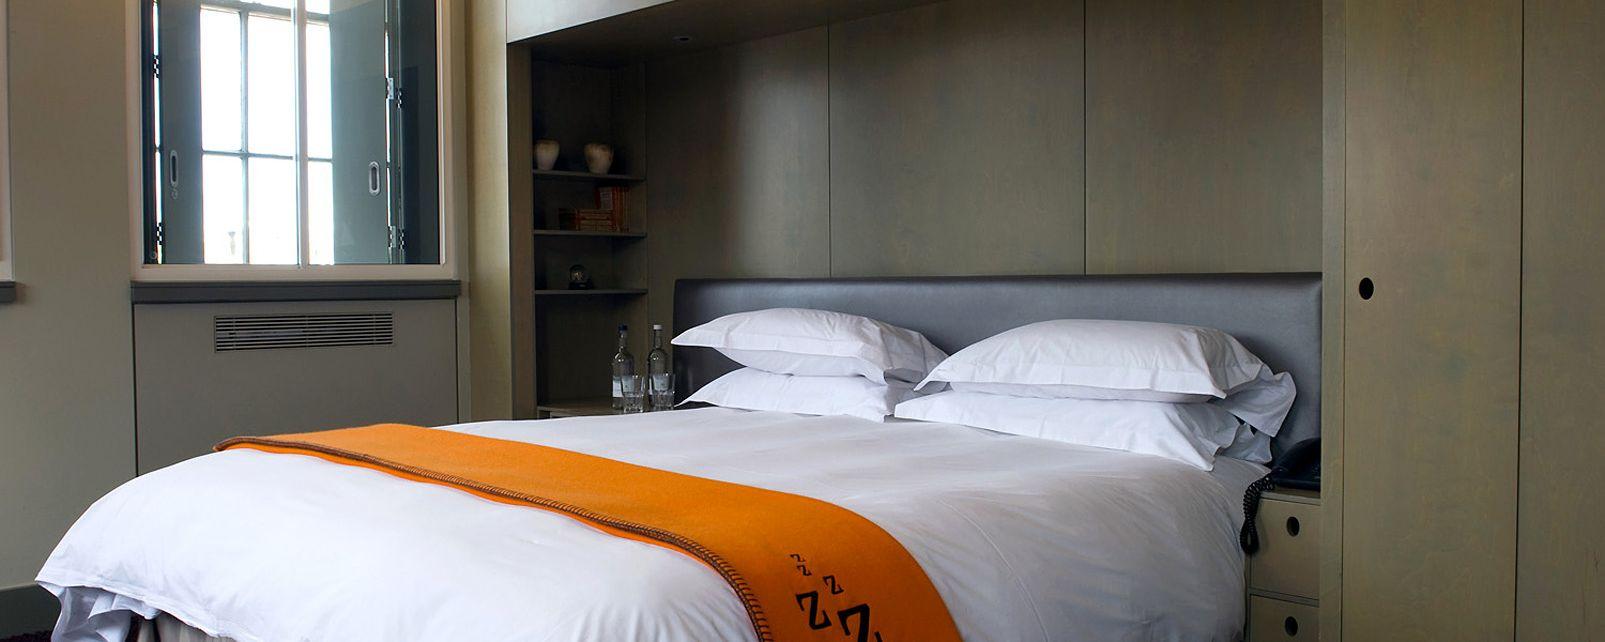 Hotel The Zetter